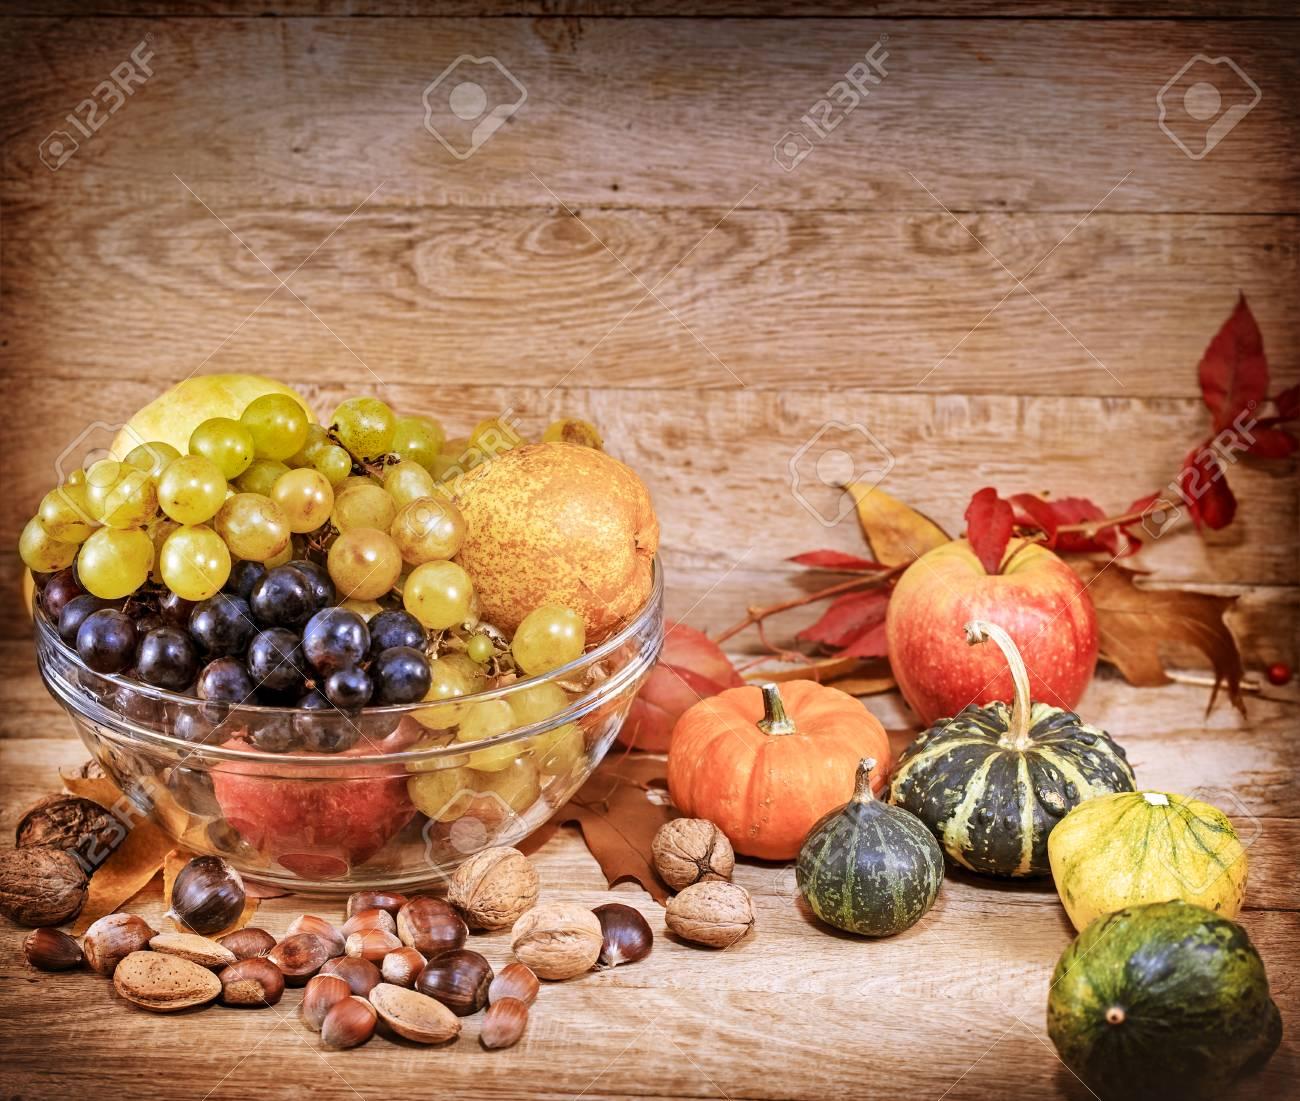 Herbsternte Herbst Obst Und Gemuse Lizenzfreie Fotos Bilder Und